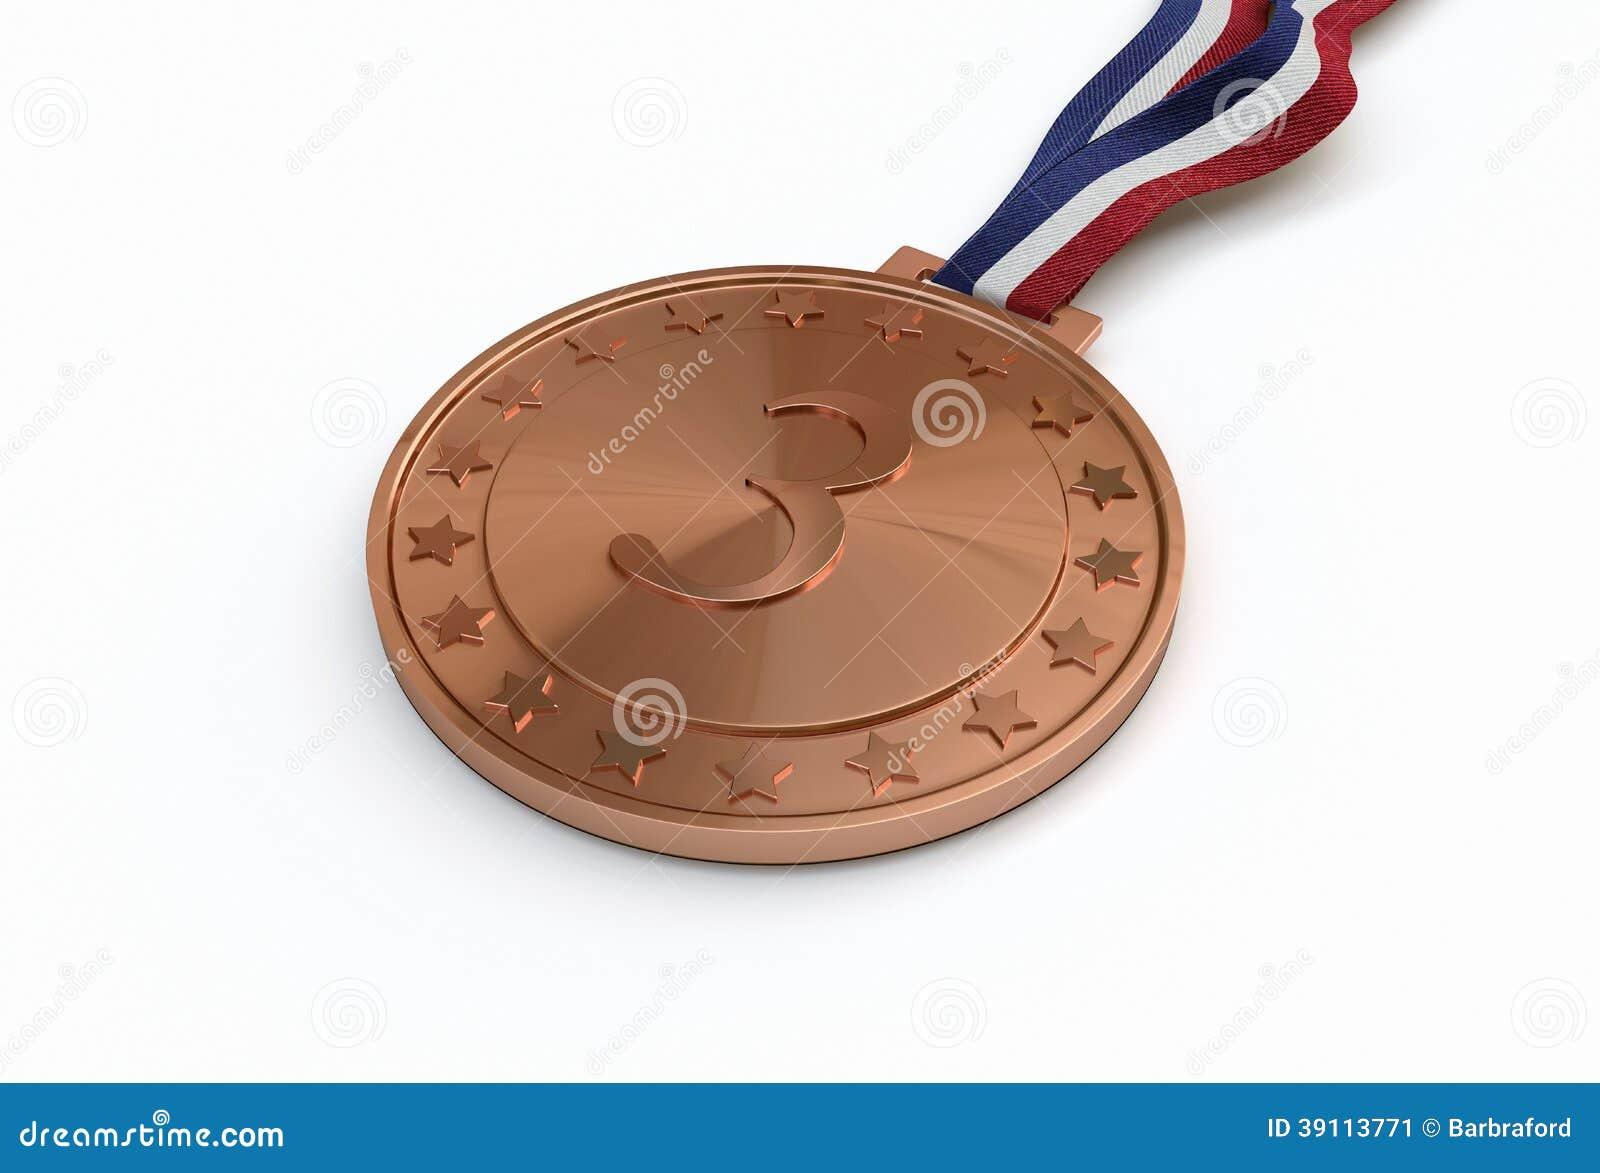 Bronsmedaille met aantal